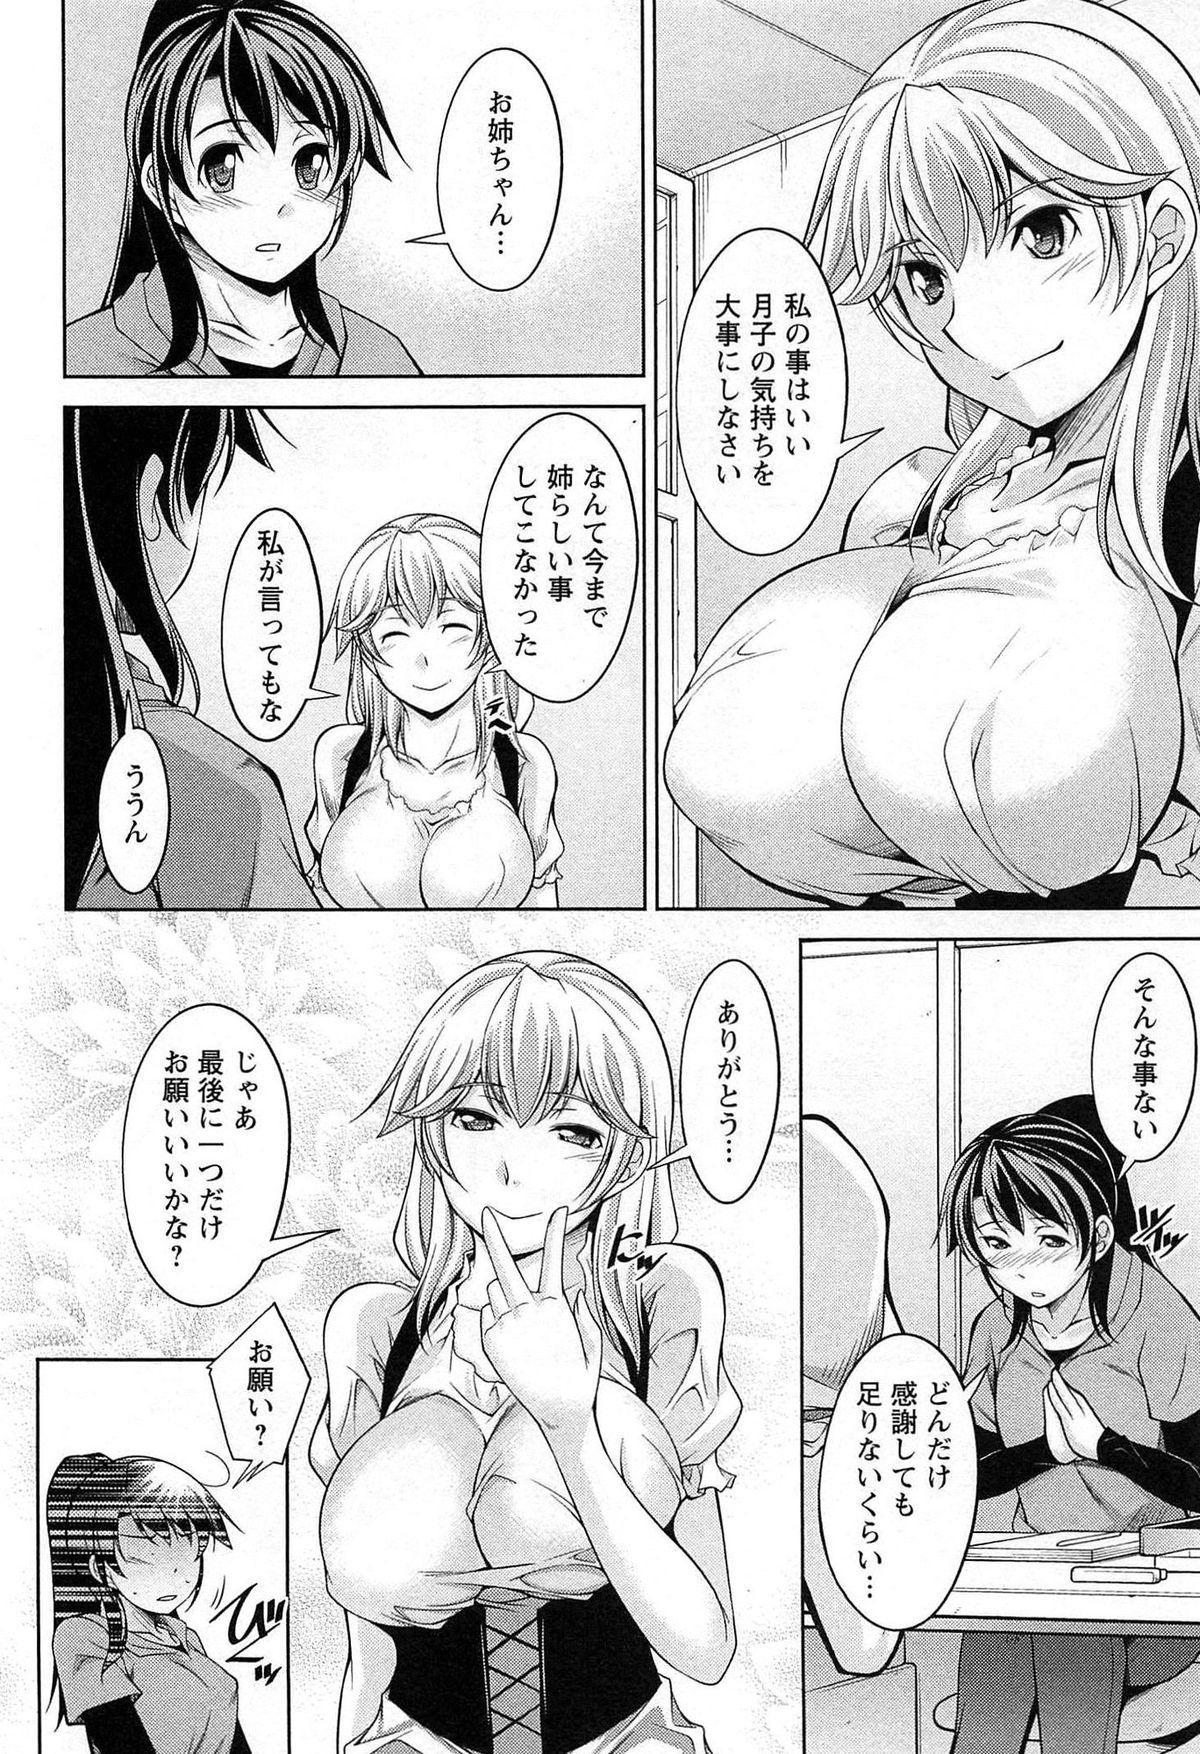 [zen9] Tsuki-wo Ai-Shite - Tsuki-ni Koi-shite 2 66